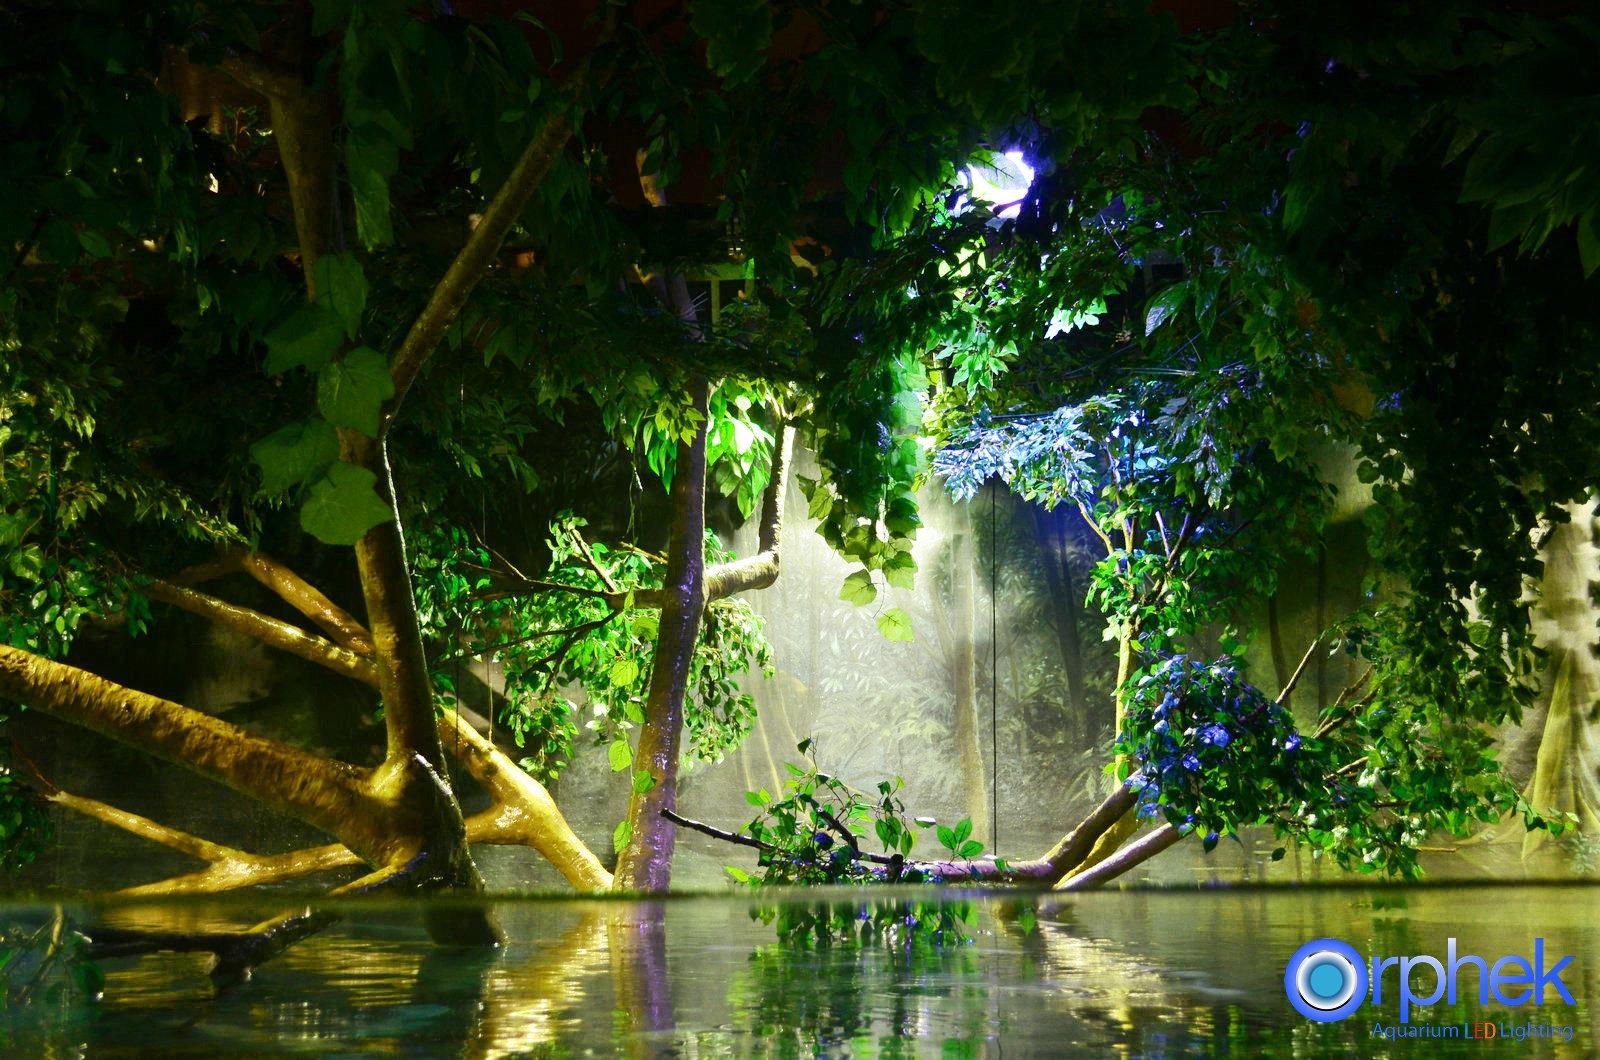 Regen Wald öffentliche Aquarium